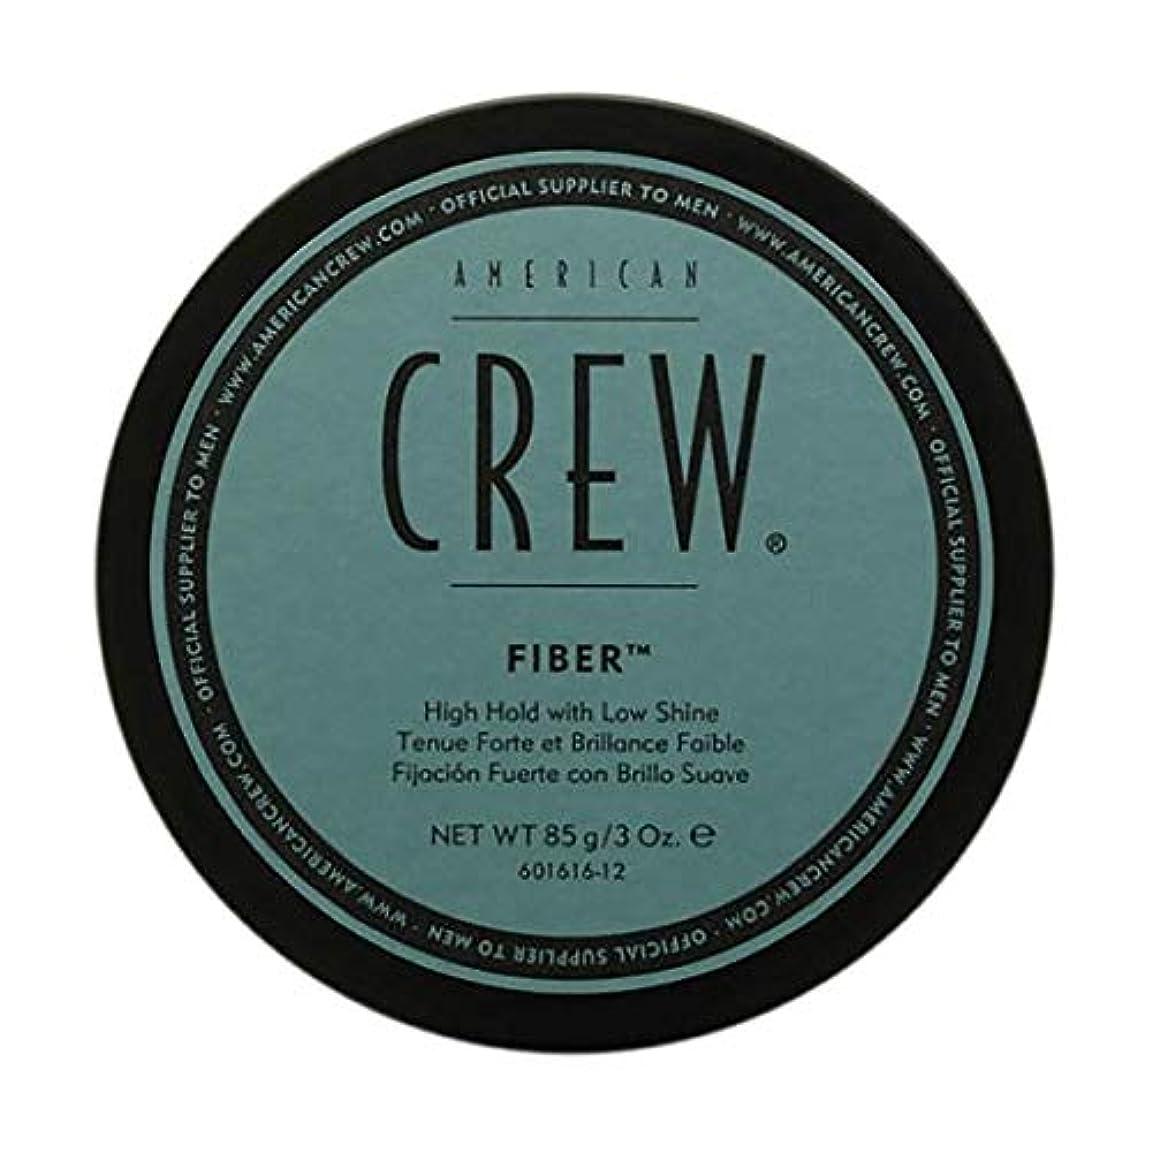 ブッシュクラシカルホイールアメリカンクルー クラシック ファイバー American Crew Fiber 85g [並行輸入品]